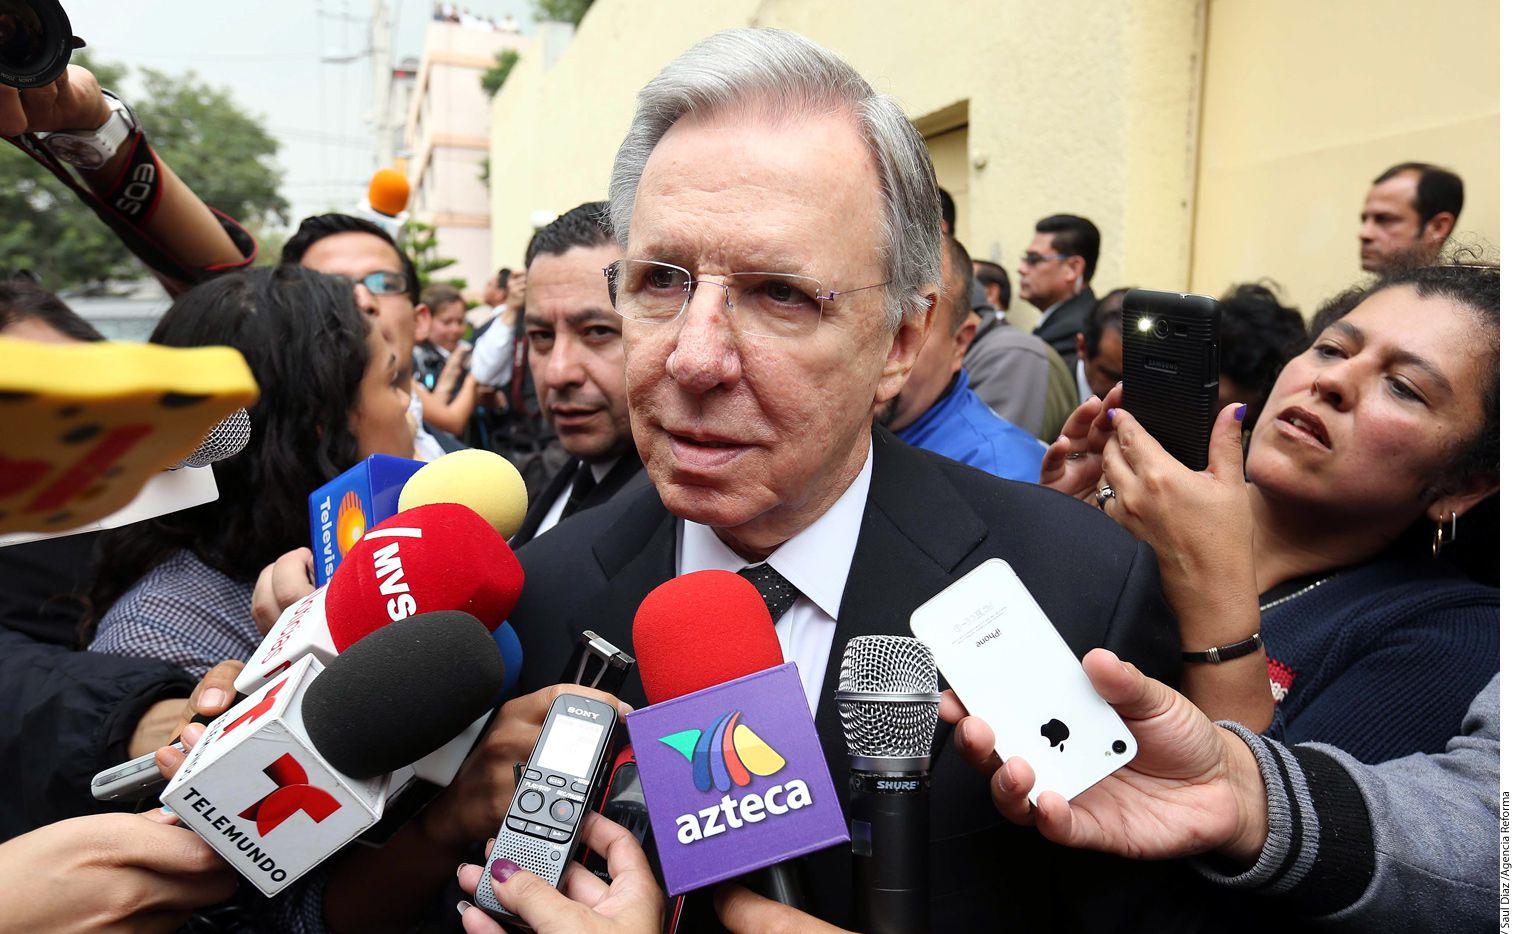 El periodista Joaquín López Dóriga confirmó su salida de El Noticiero al inicio del programa de este lunes. /AGENCIA REFORMA